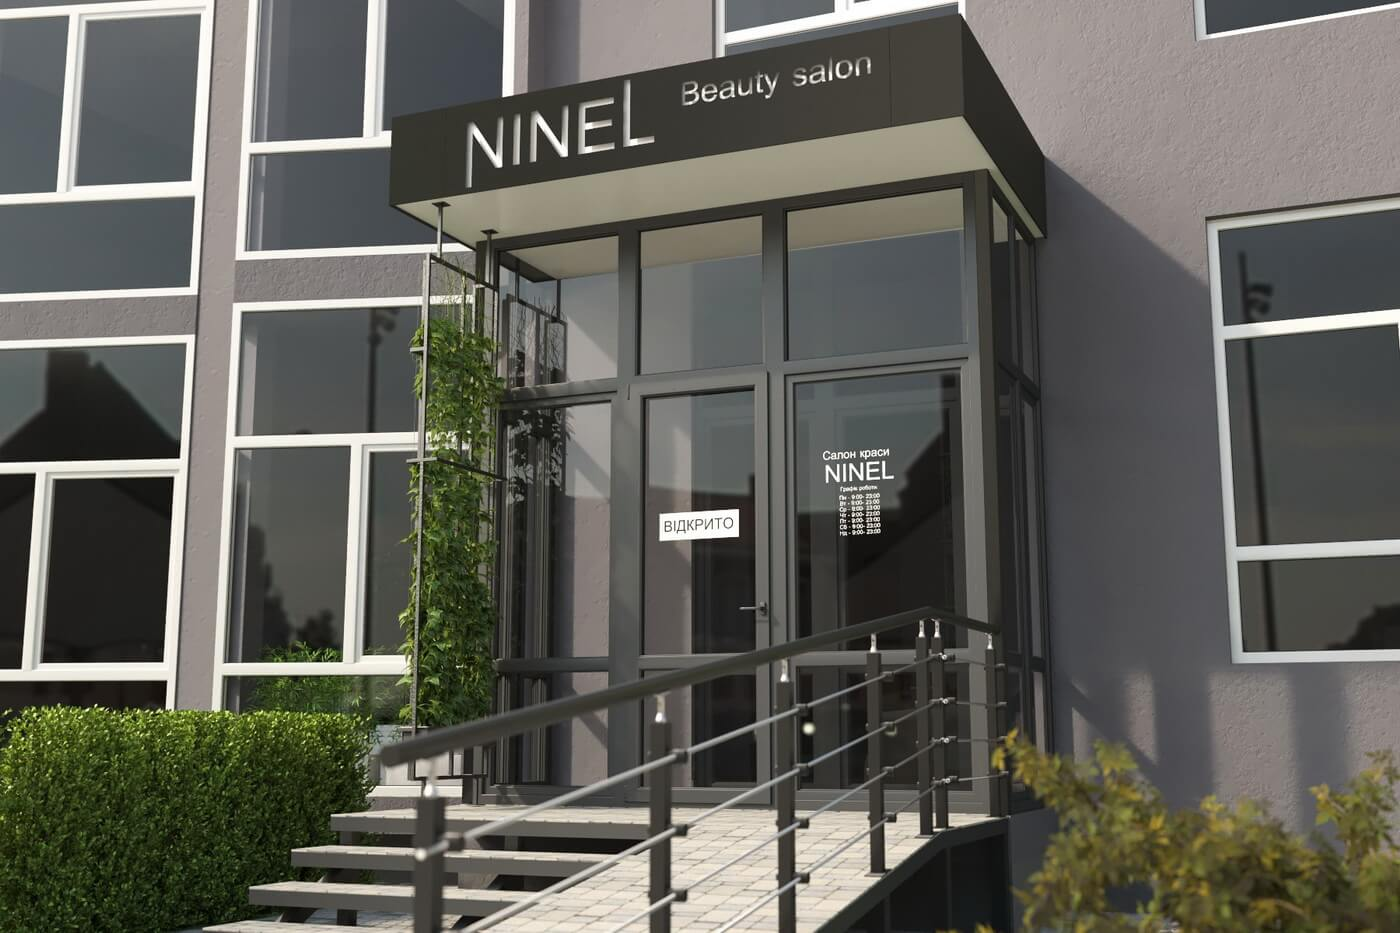 """Экстерьер салона красоты """"Ninel"""". Вид с улицы"""